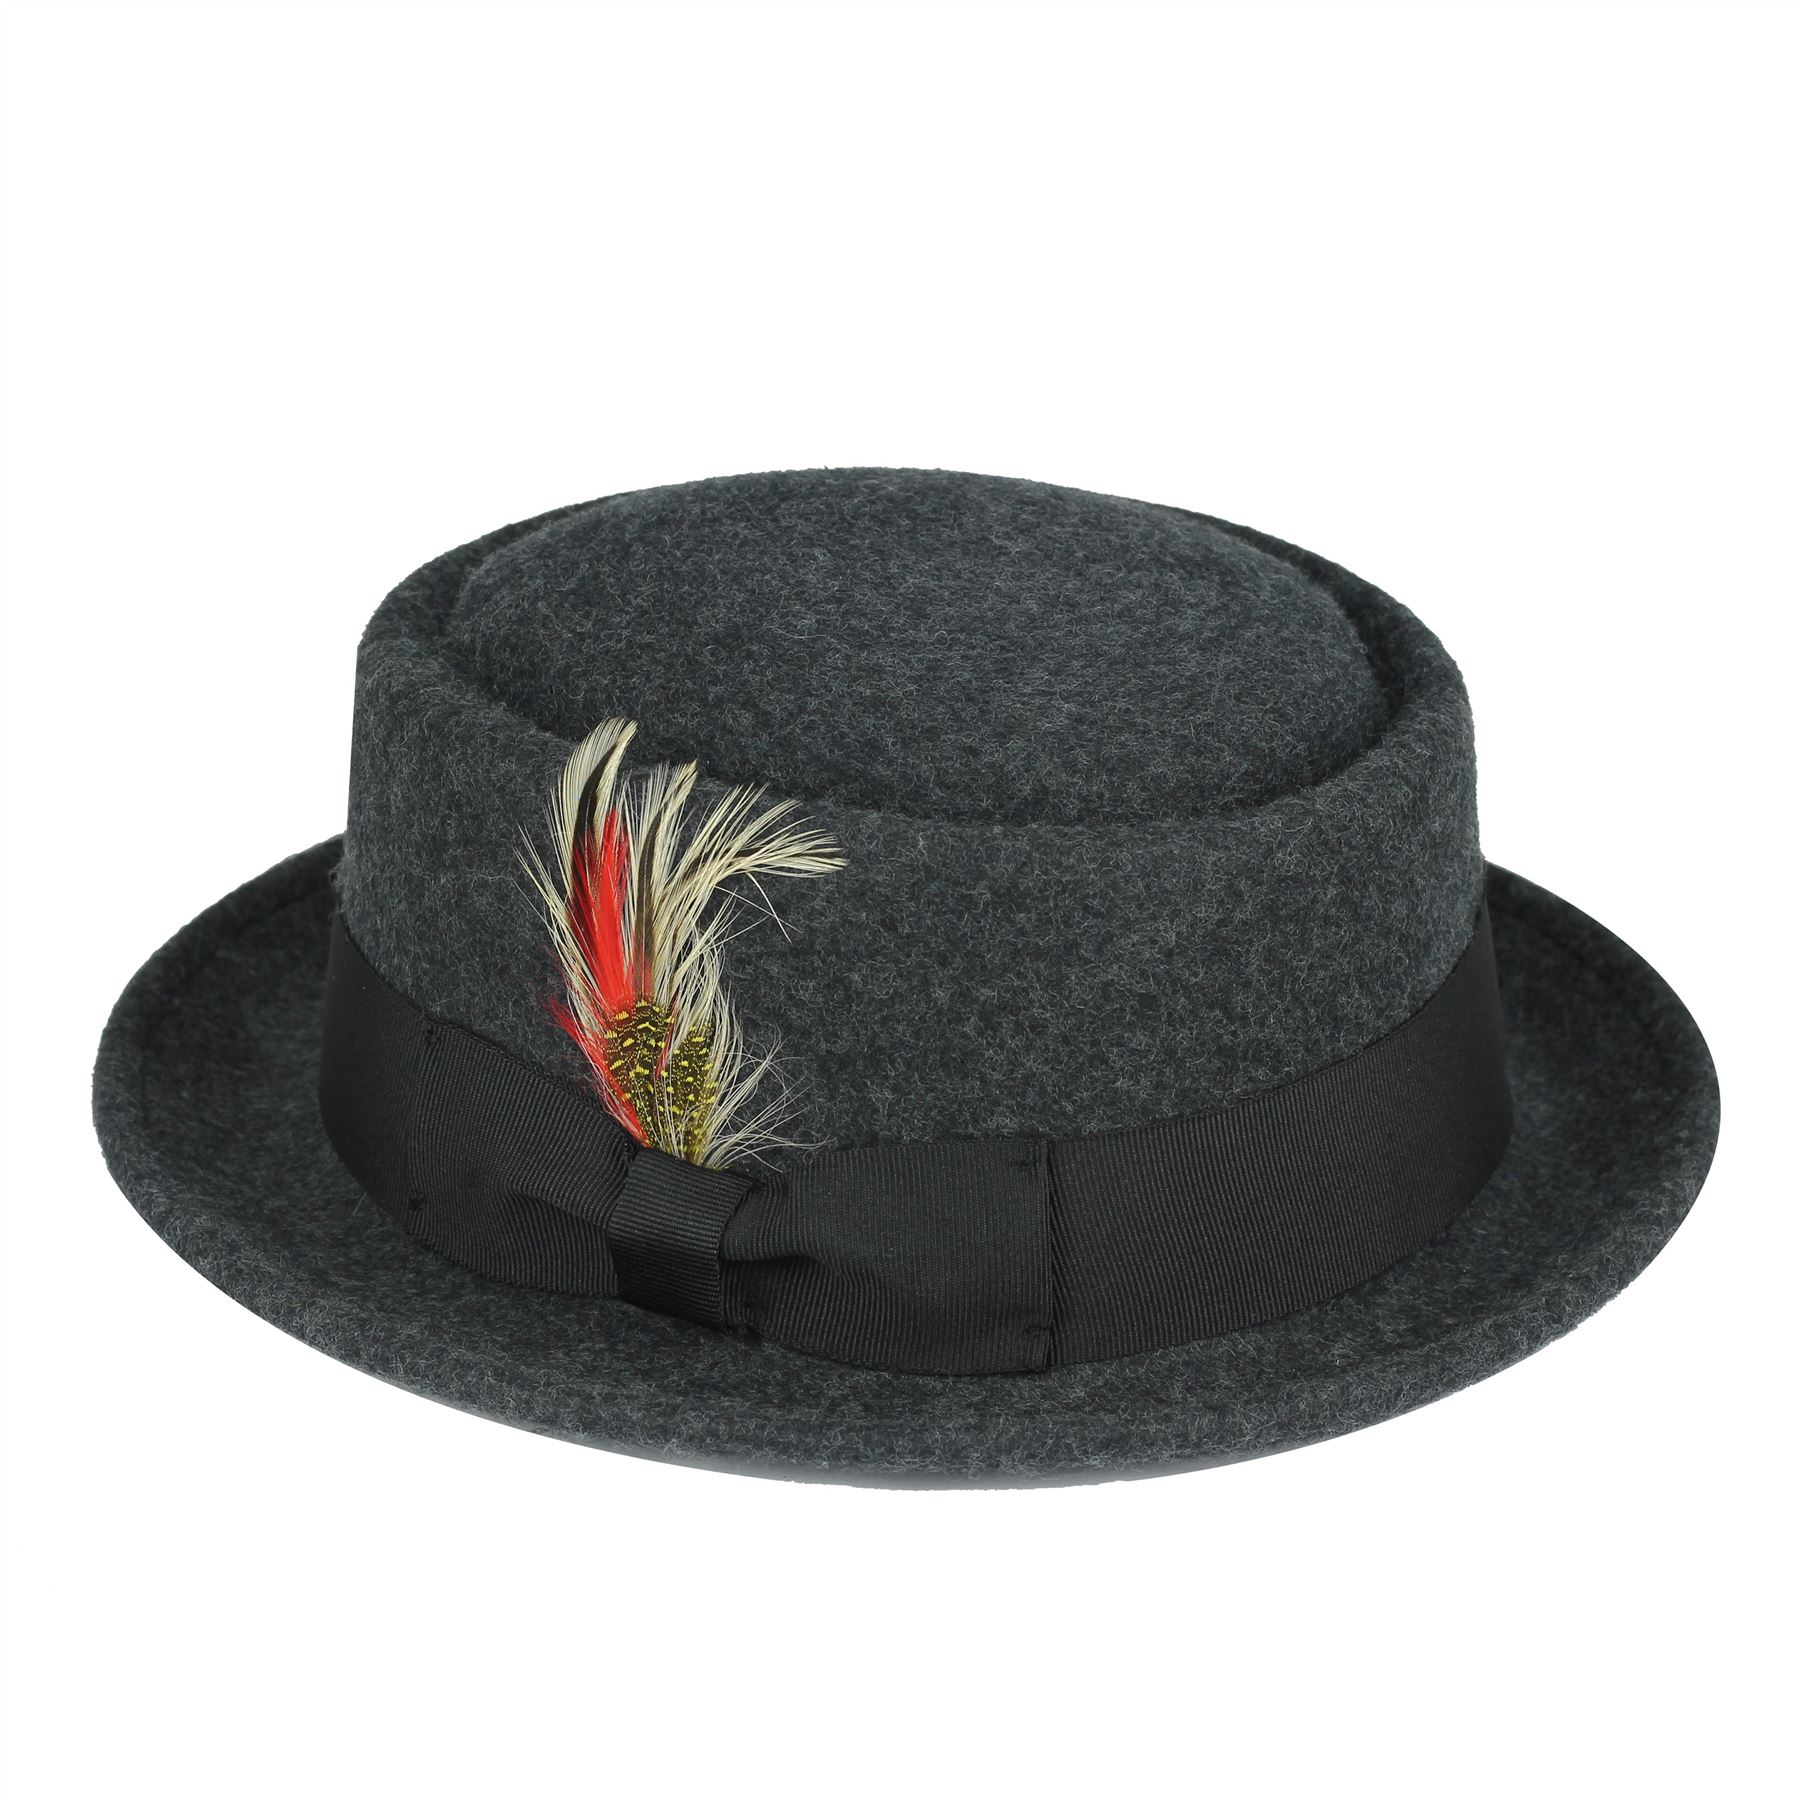 Mens Women Vintage Crushable 100% Wool Pork Pie Breaking Bad Heisenberg  Felt Hat 944217834ca5